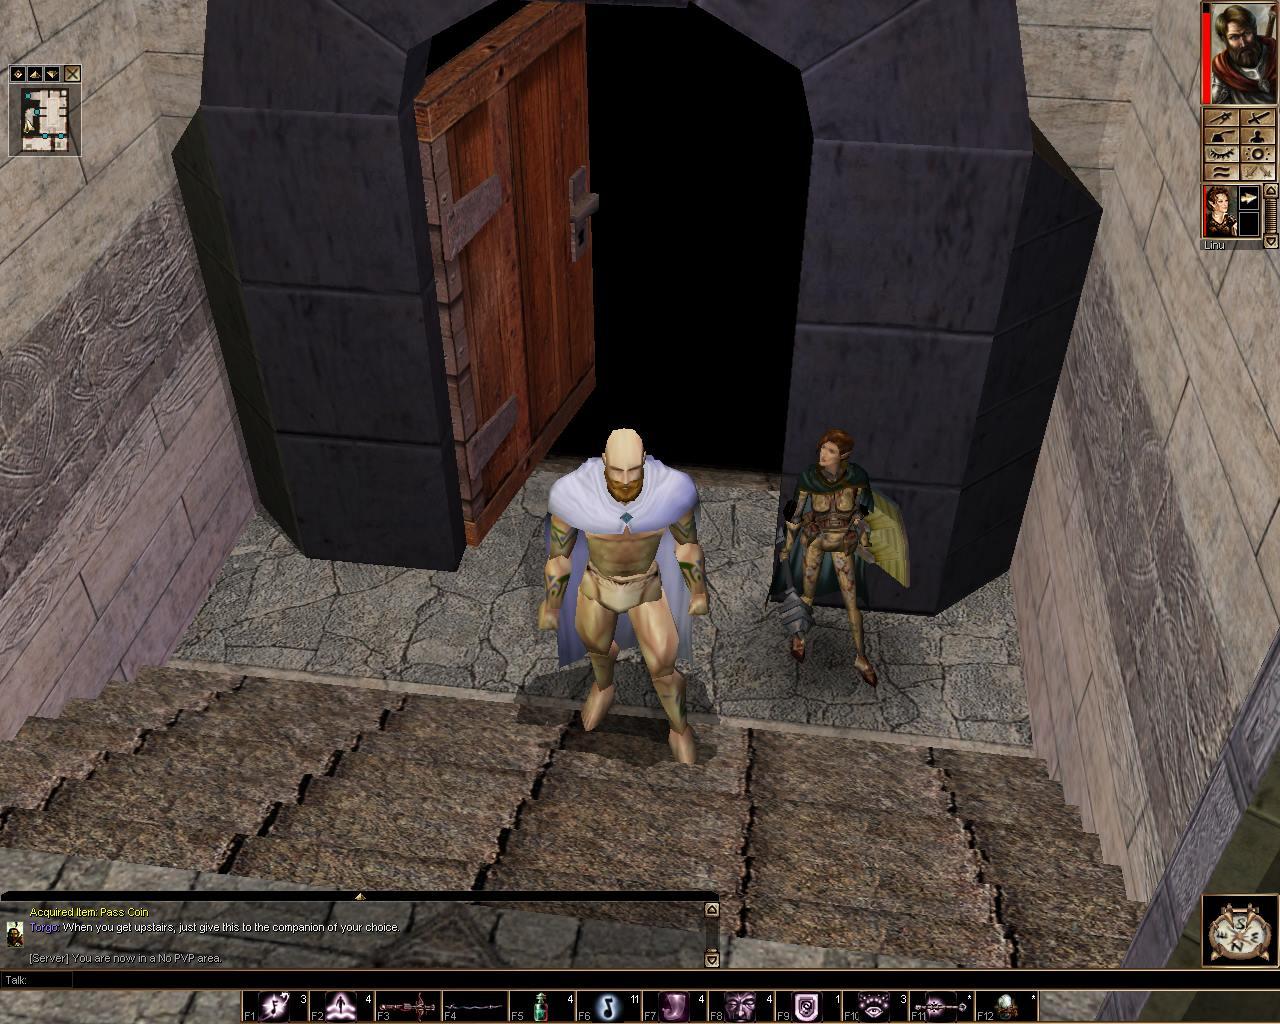 Невервинтер 2 моды секс броня